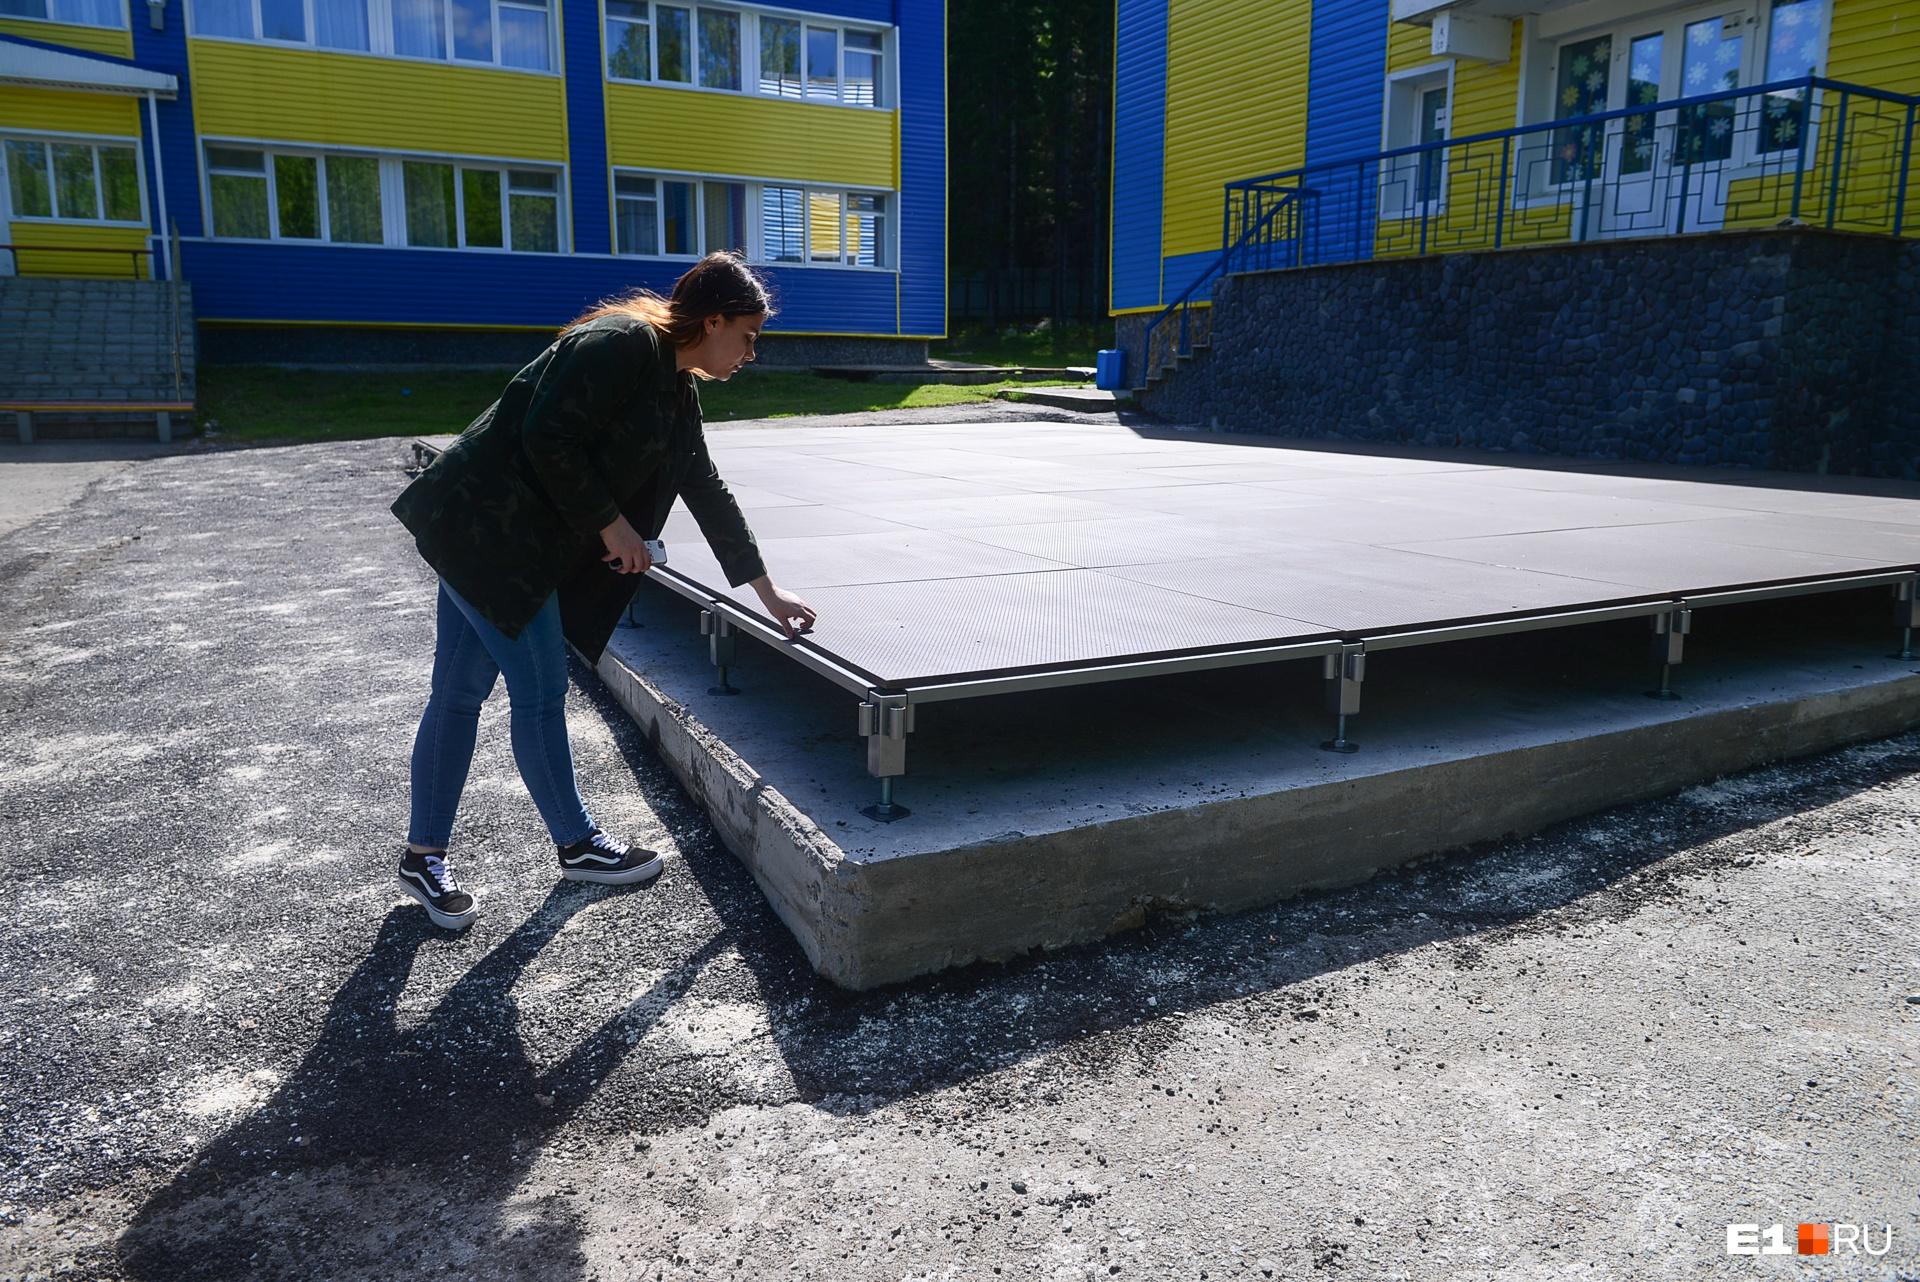 К этому лету установили новую сцену из фанеры на бетонном основании